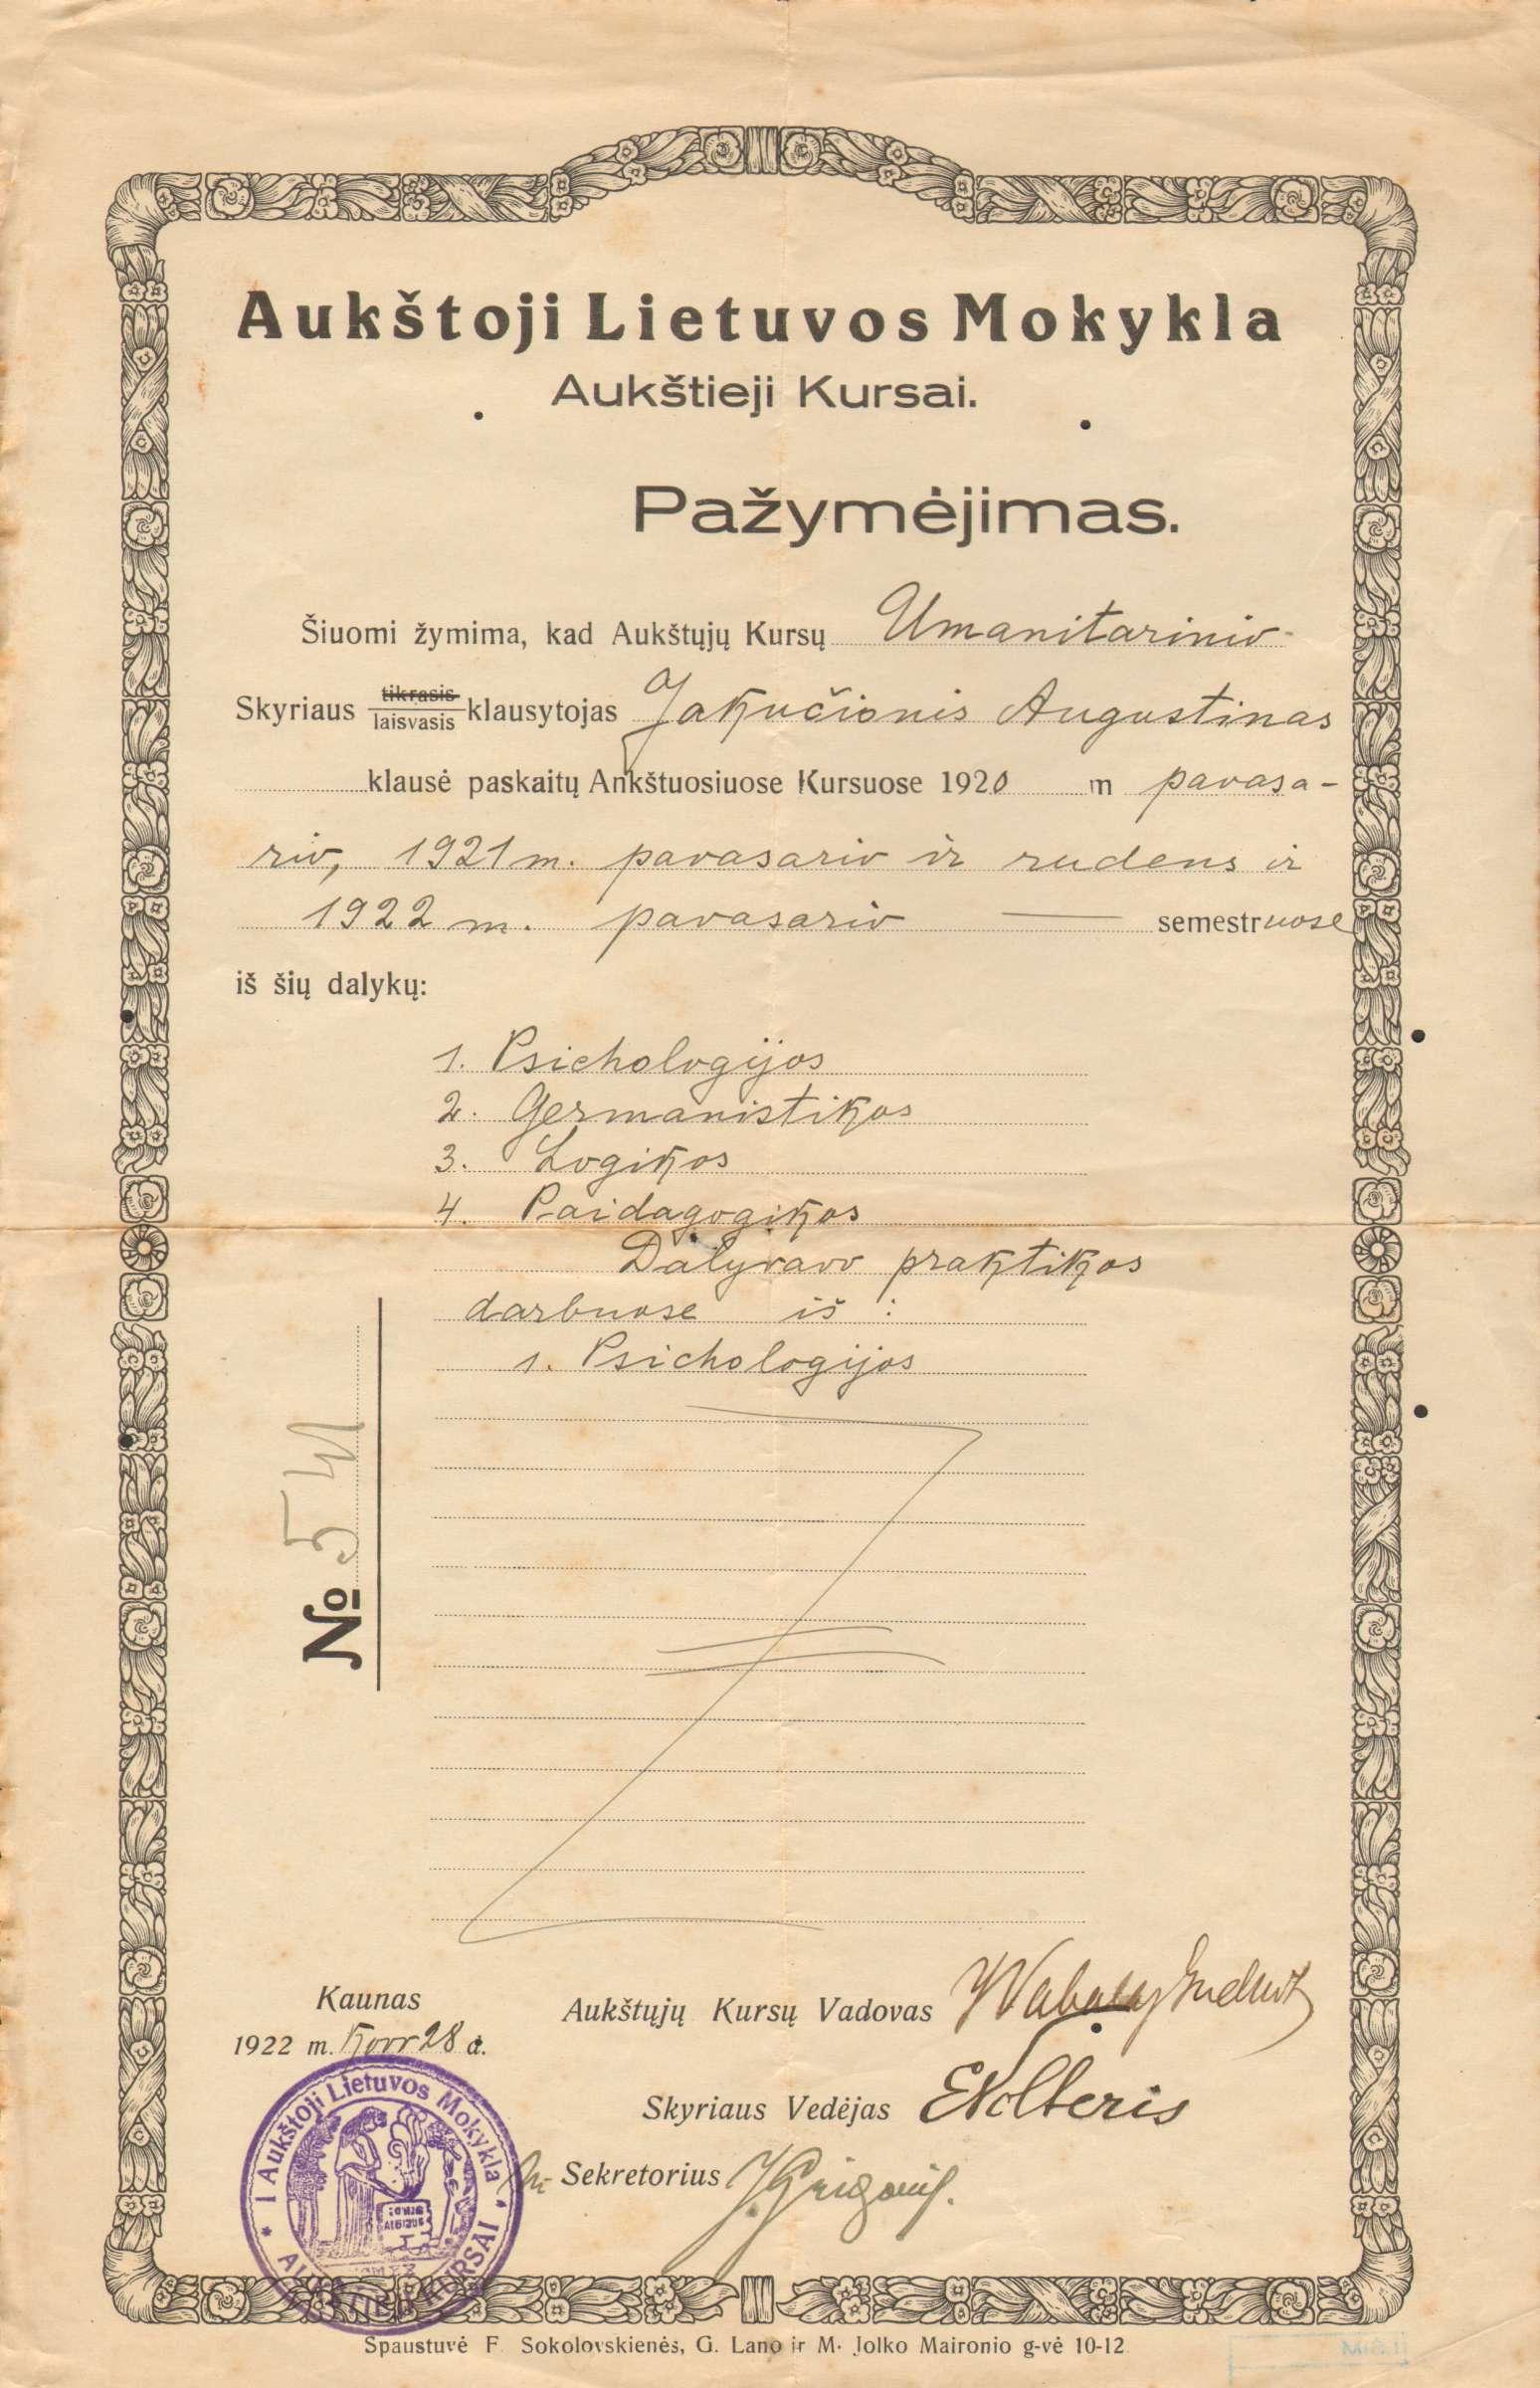 Augustino Jakučionio Aukštųjų kursų baigimo 1922 metais pažymėjimas | Lietuvos švietimo istorijos muziejaus fondų nuotr.